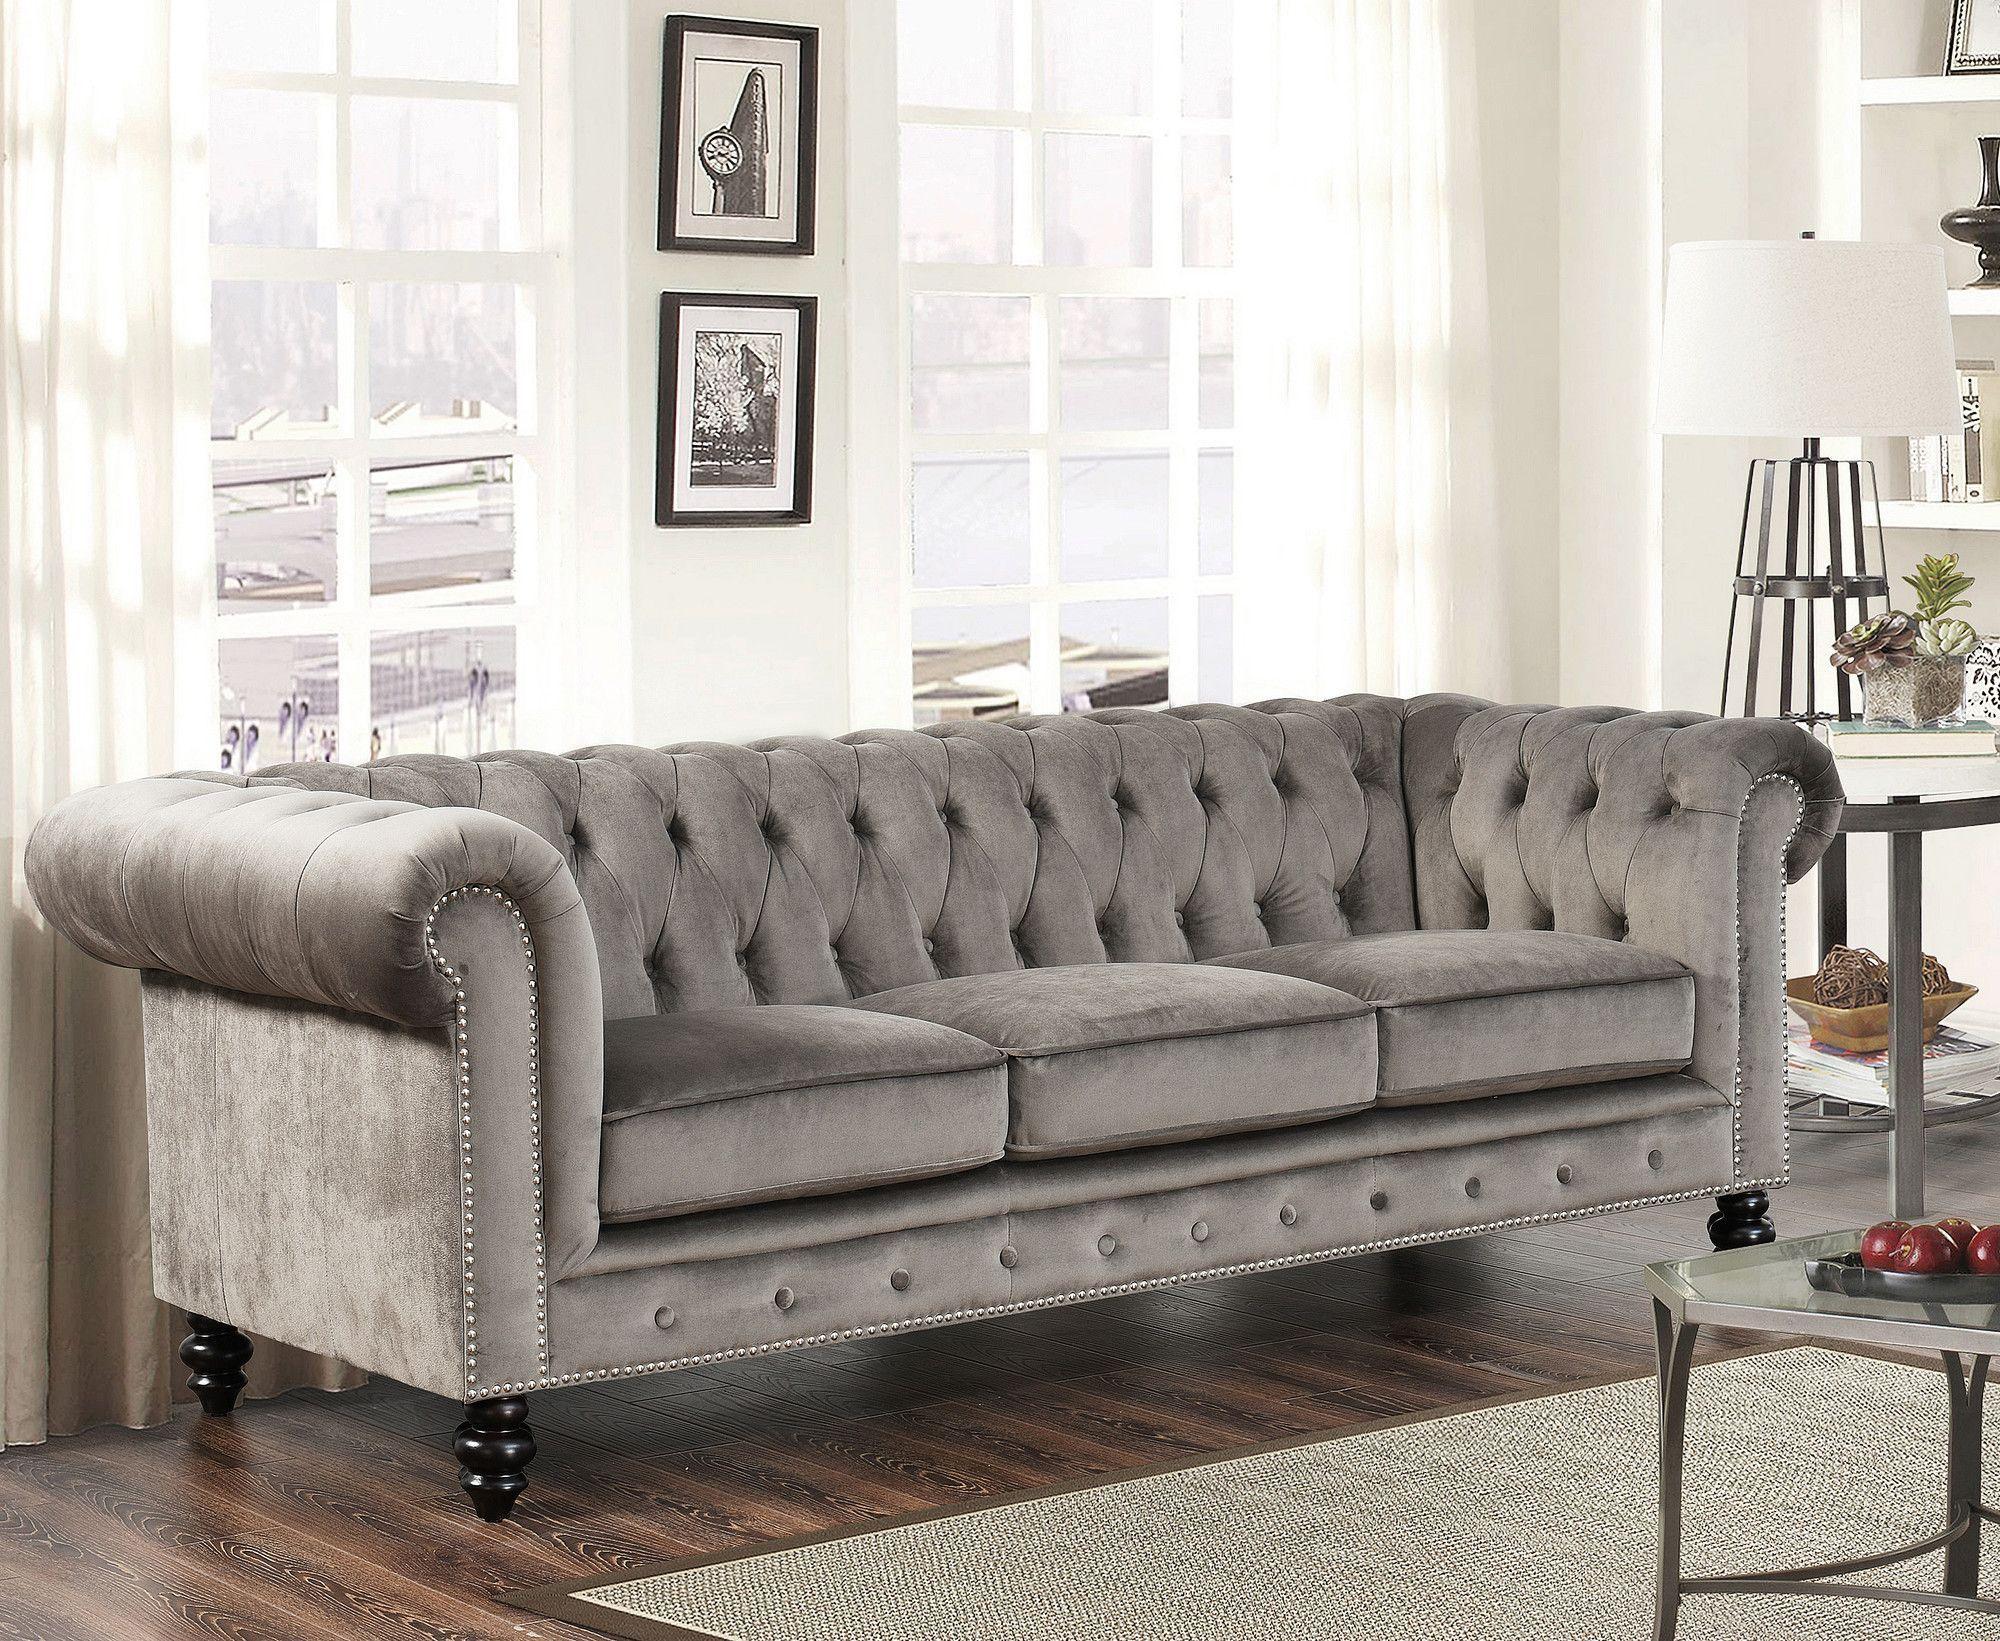 Grand Chesterfield Sofa  living room  Grey velvet sofa